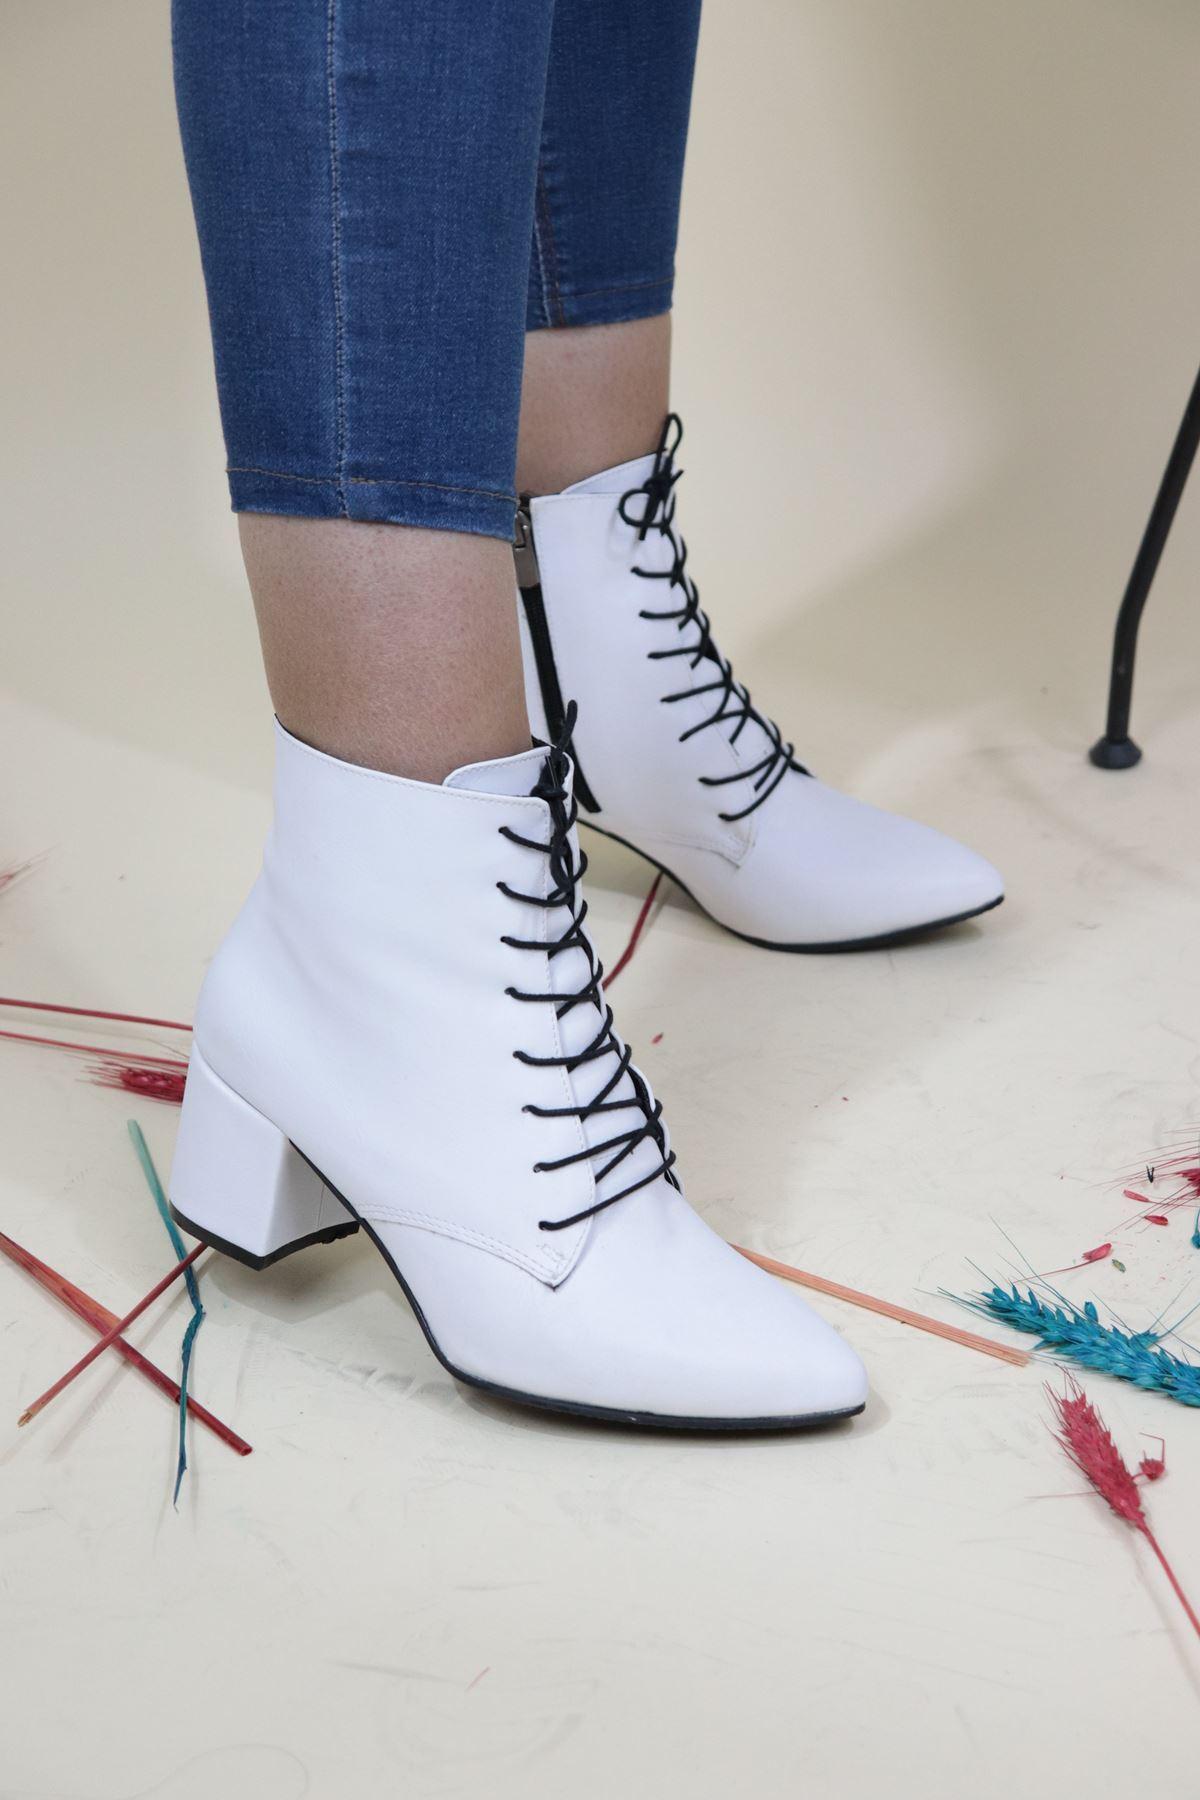 Trendayakkabi - Beyaz Bağlı Kadın Bot